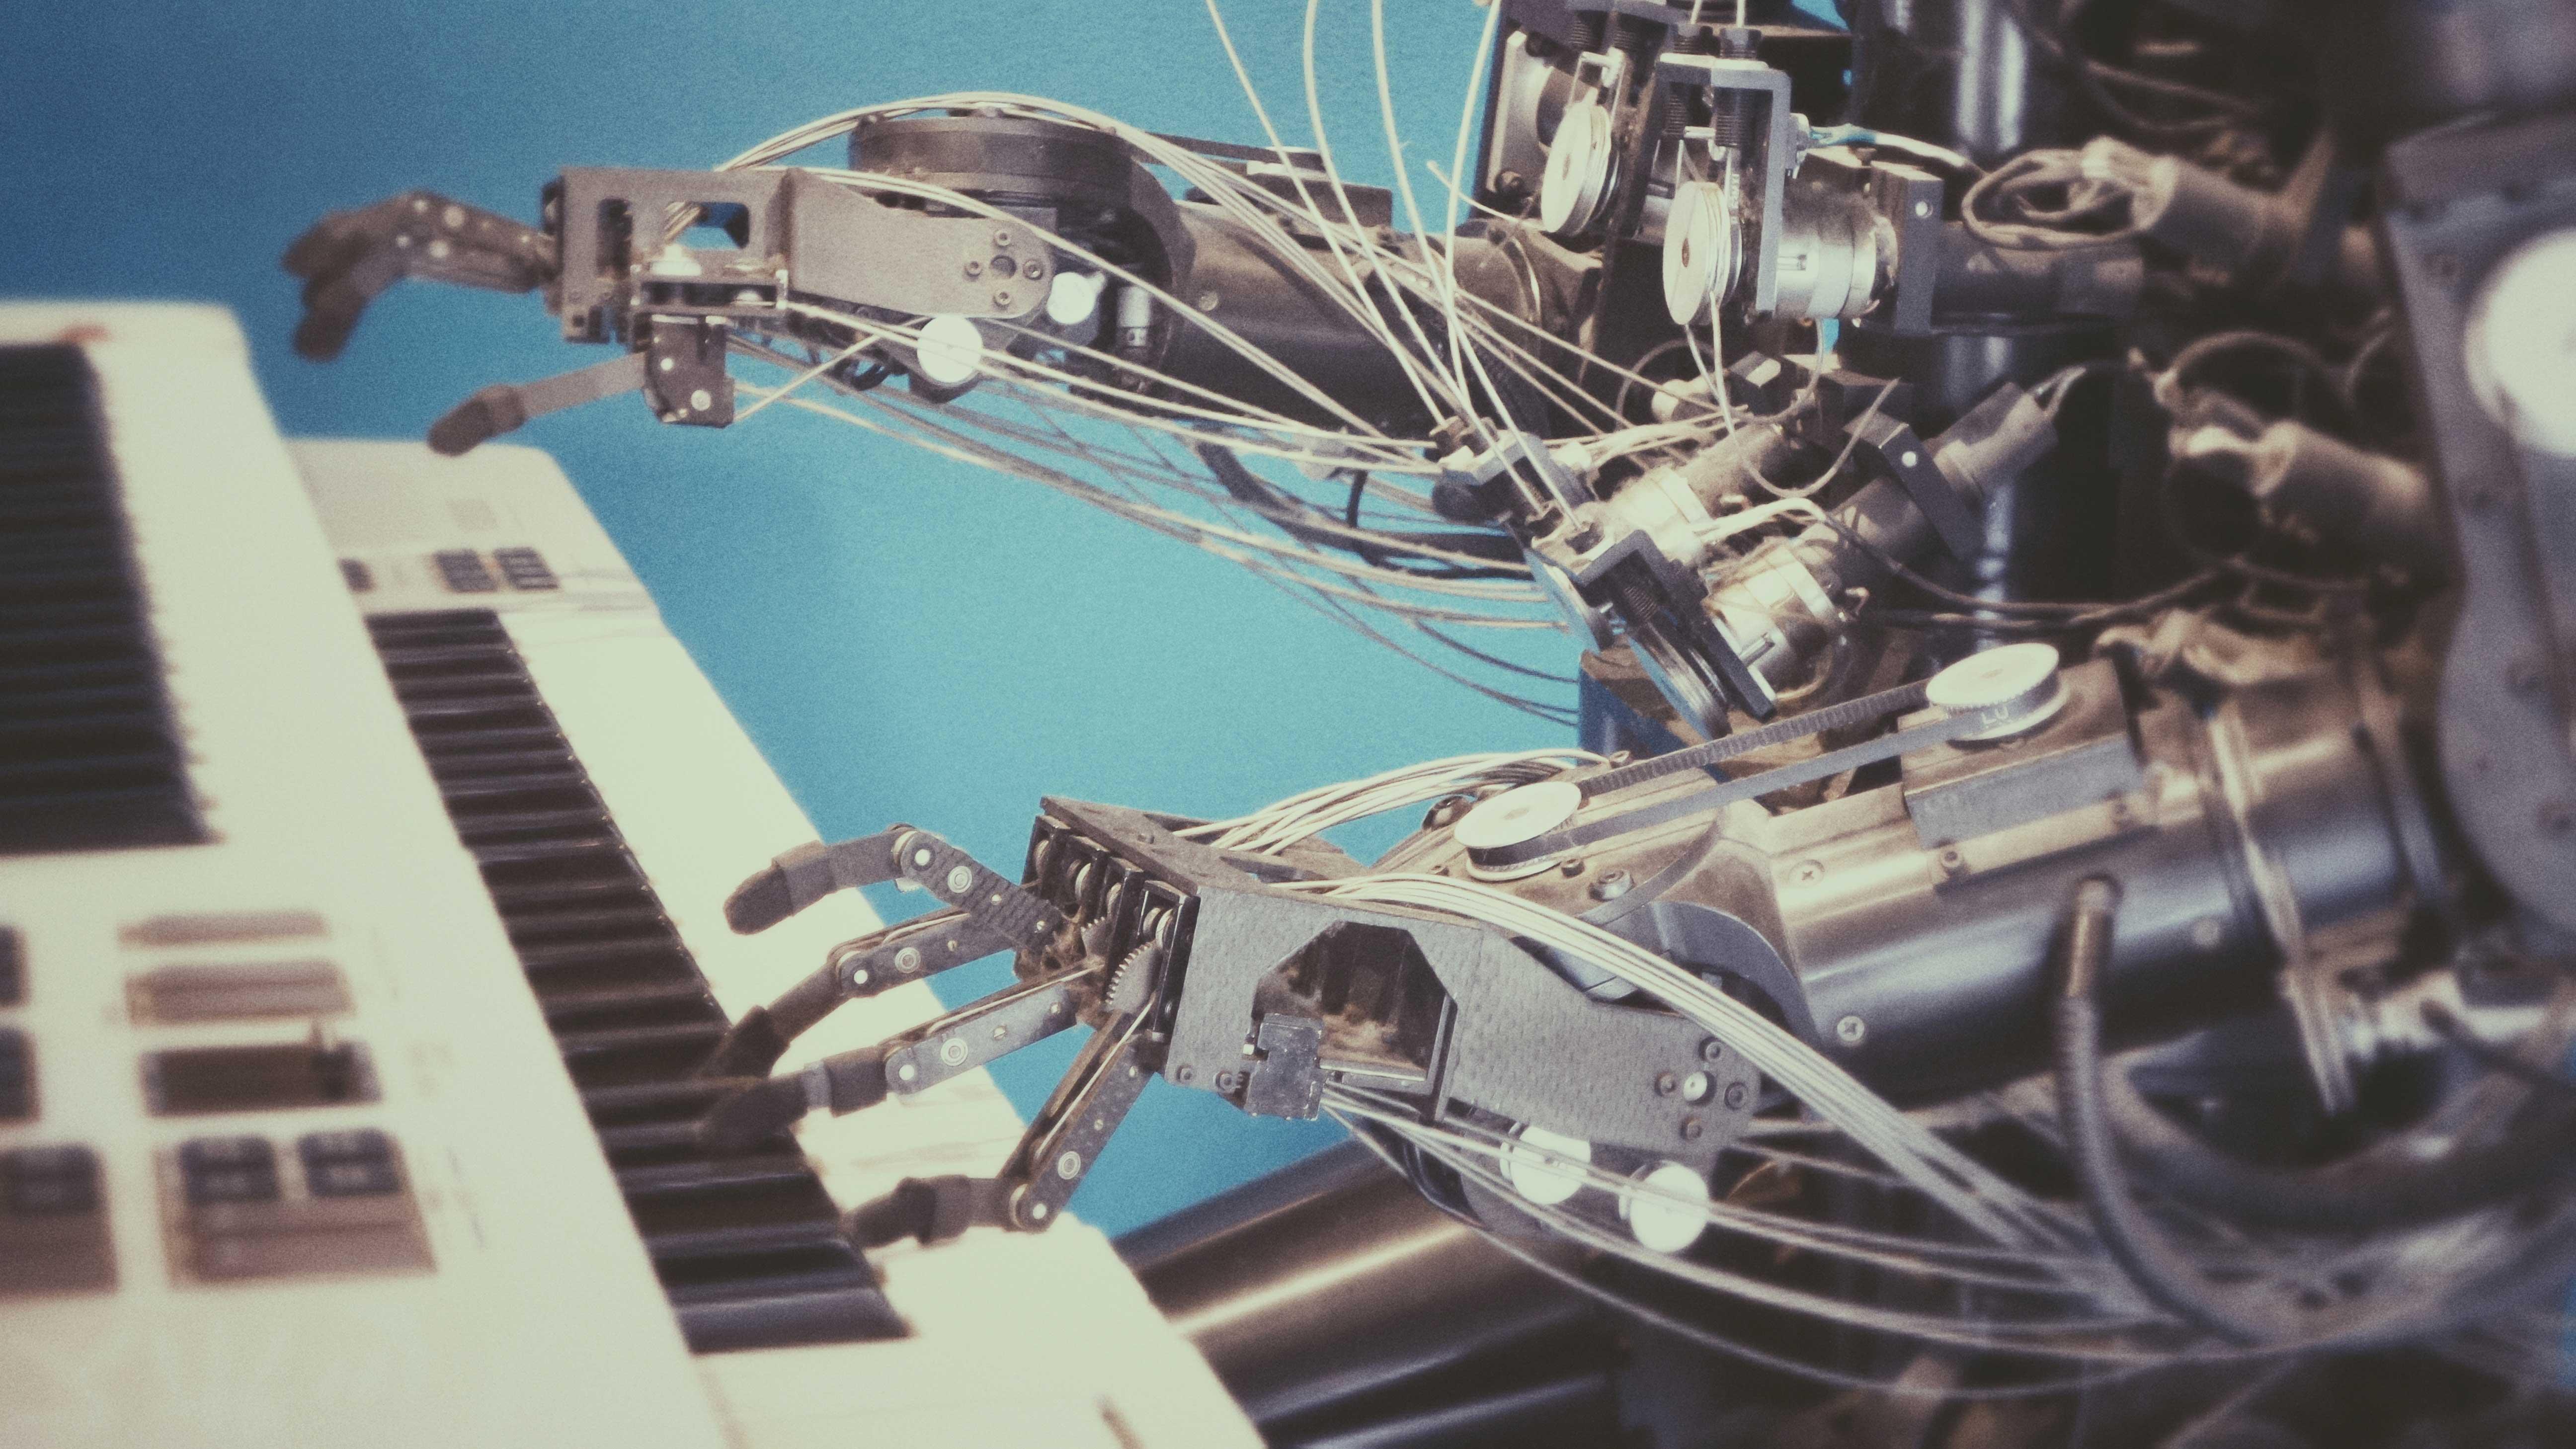 O Que é Cultura de Inovação? Você Faz Parte Dela? - Braços mecânicos tocando teclado.